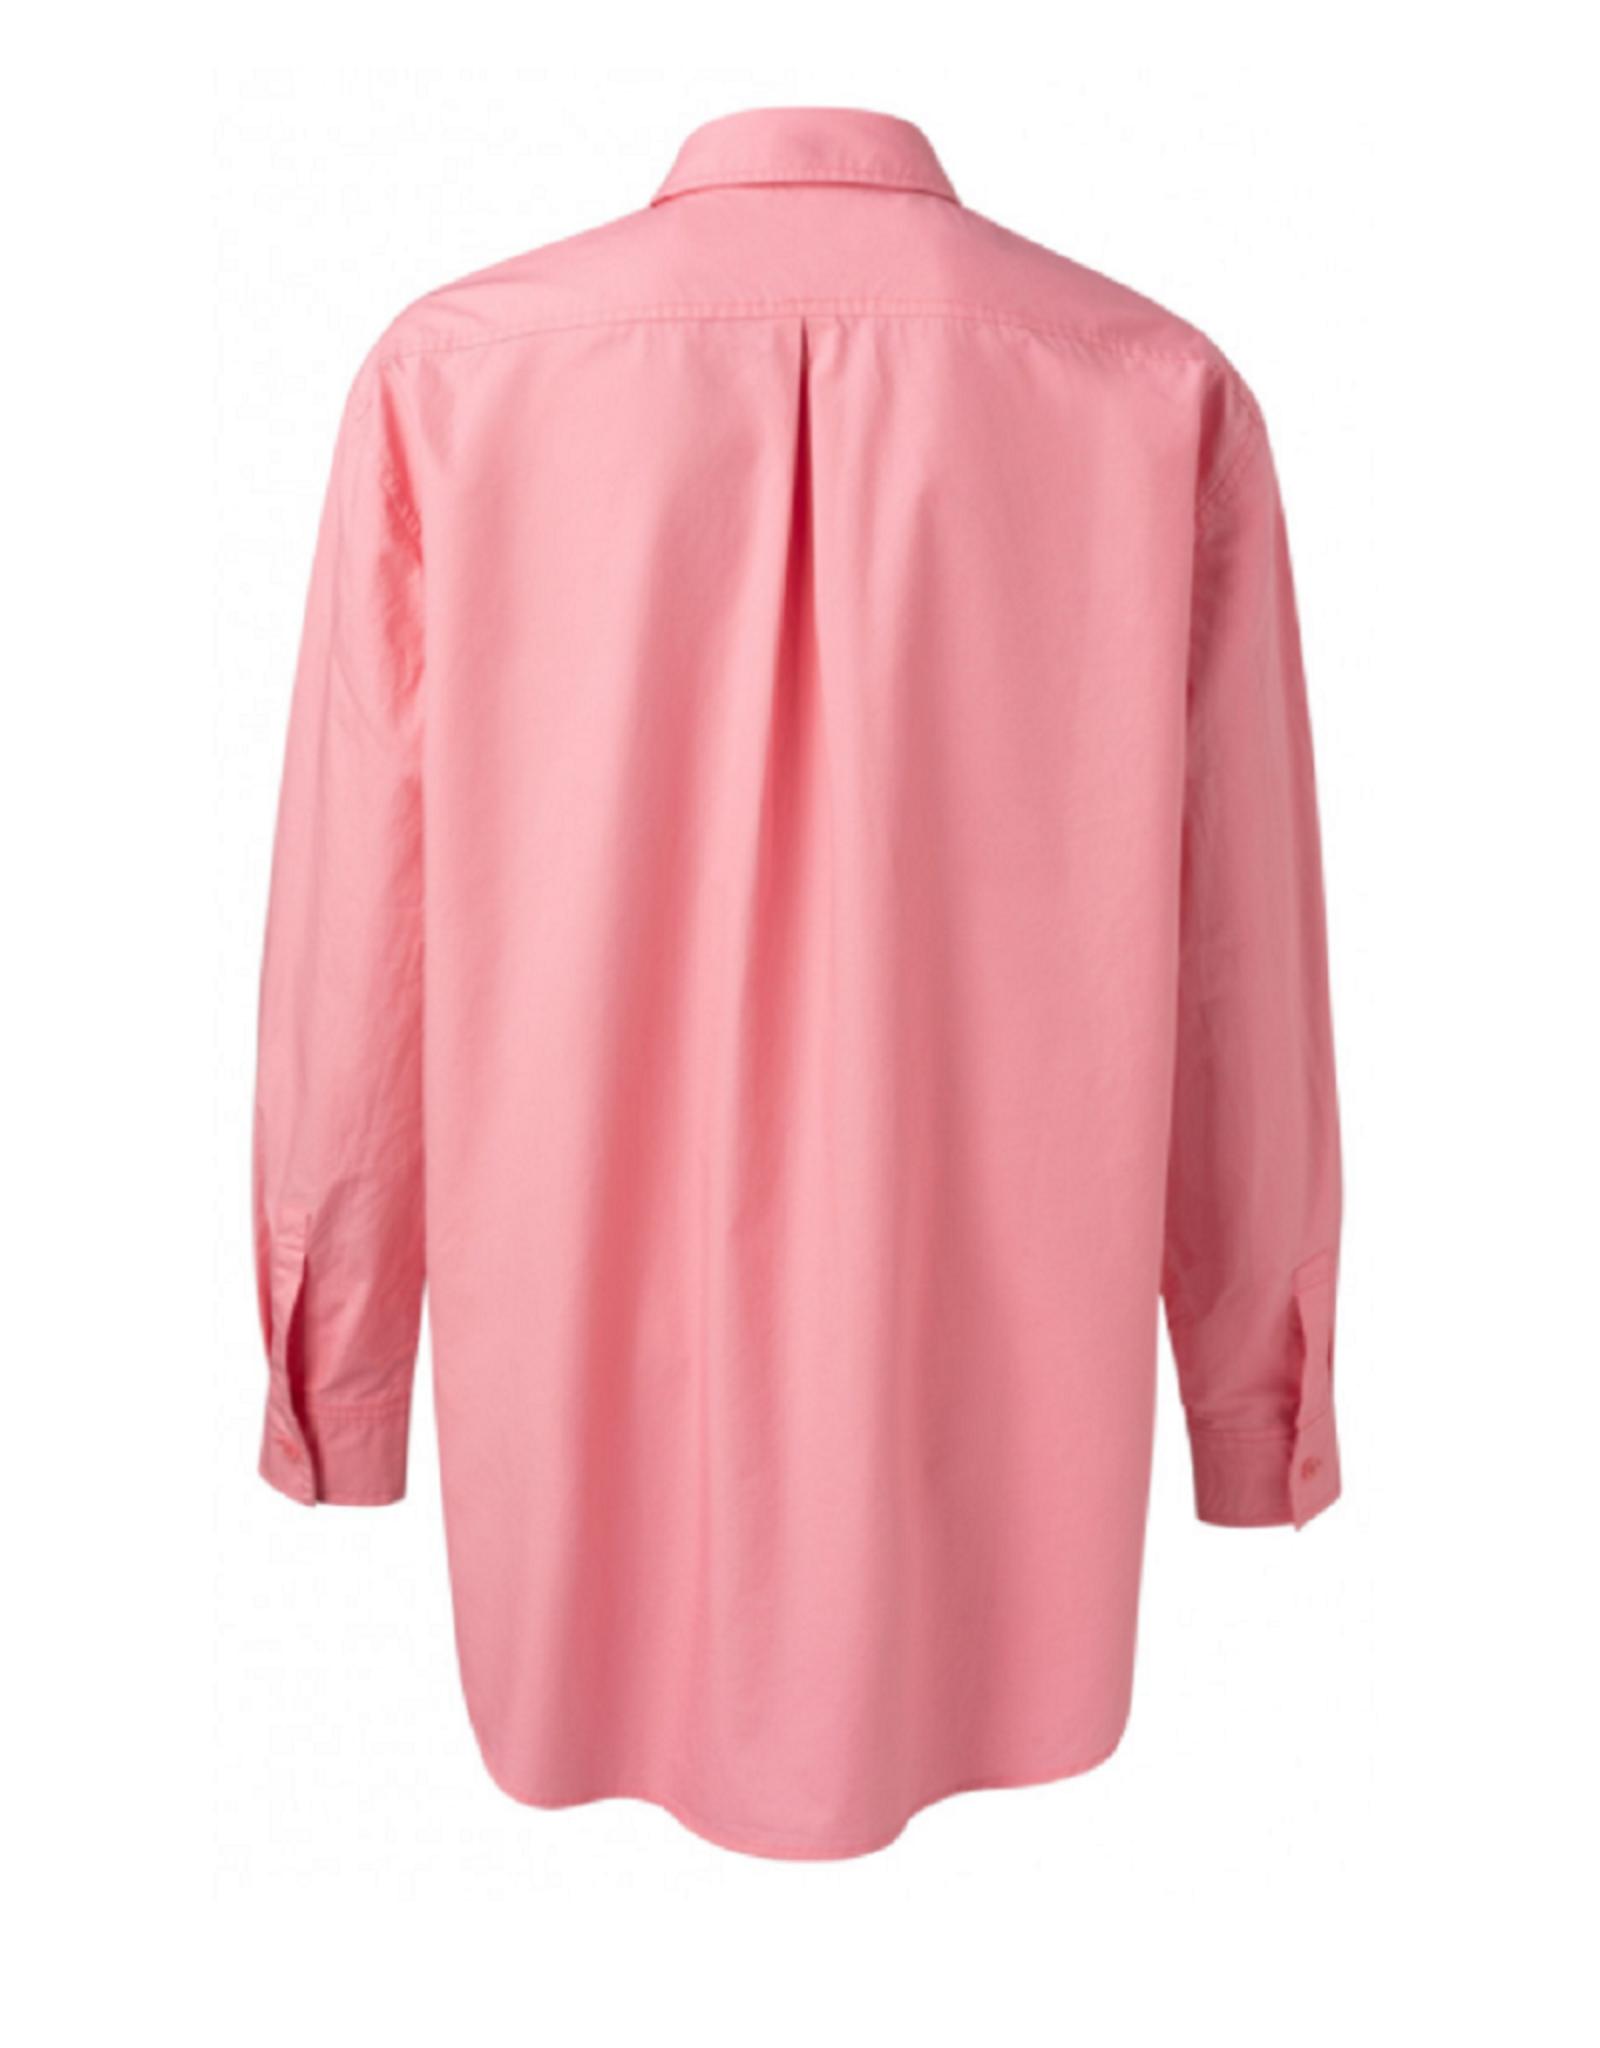 YAYA YAYA blouse Boxy poplin